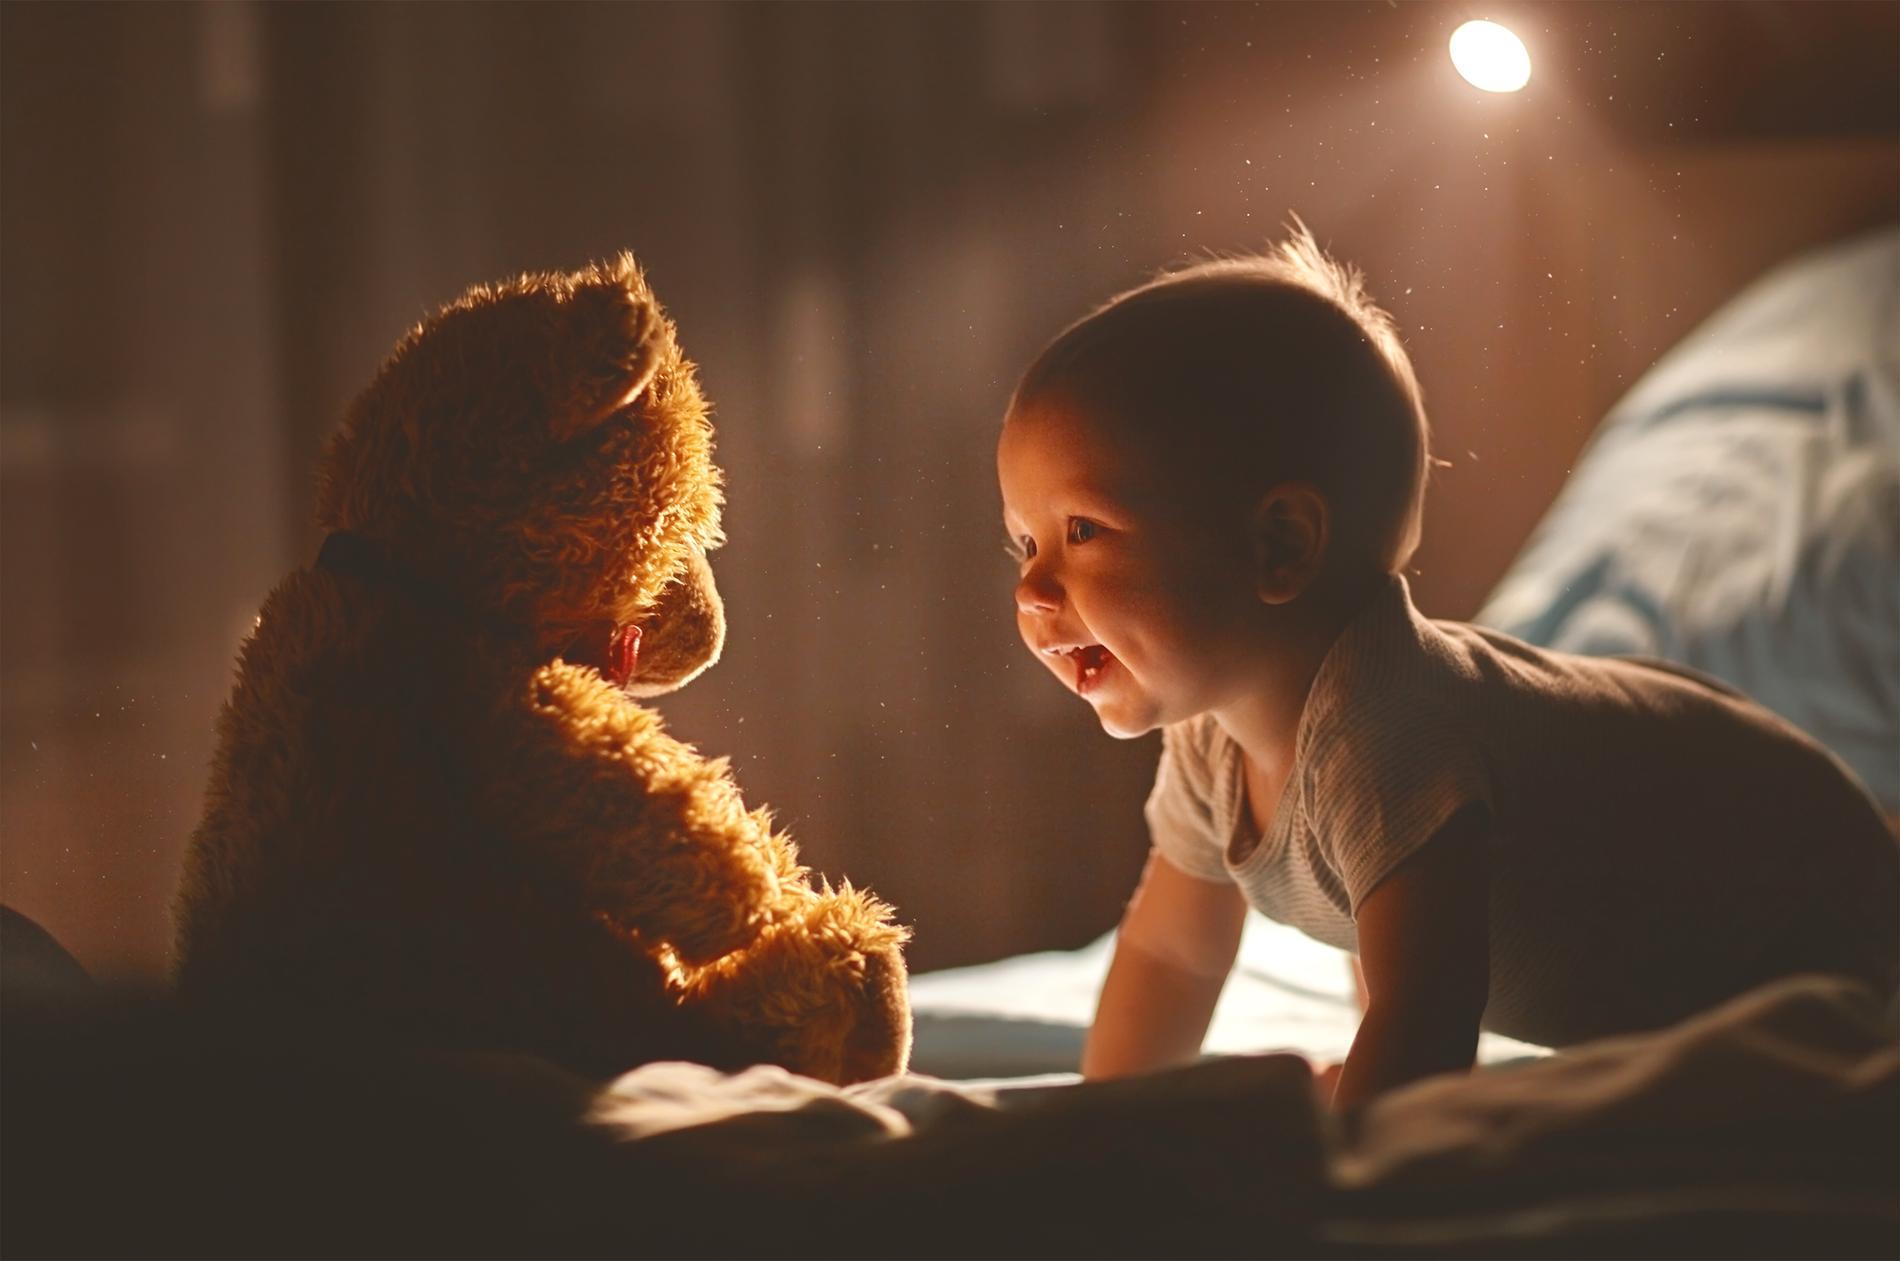 Det är mycket individuellt när ett barn börjar prata och det finns ingen anledning att försöka påskynda talet, heller.